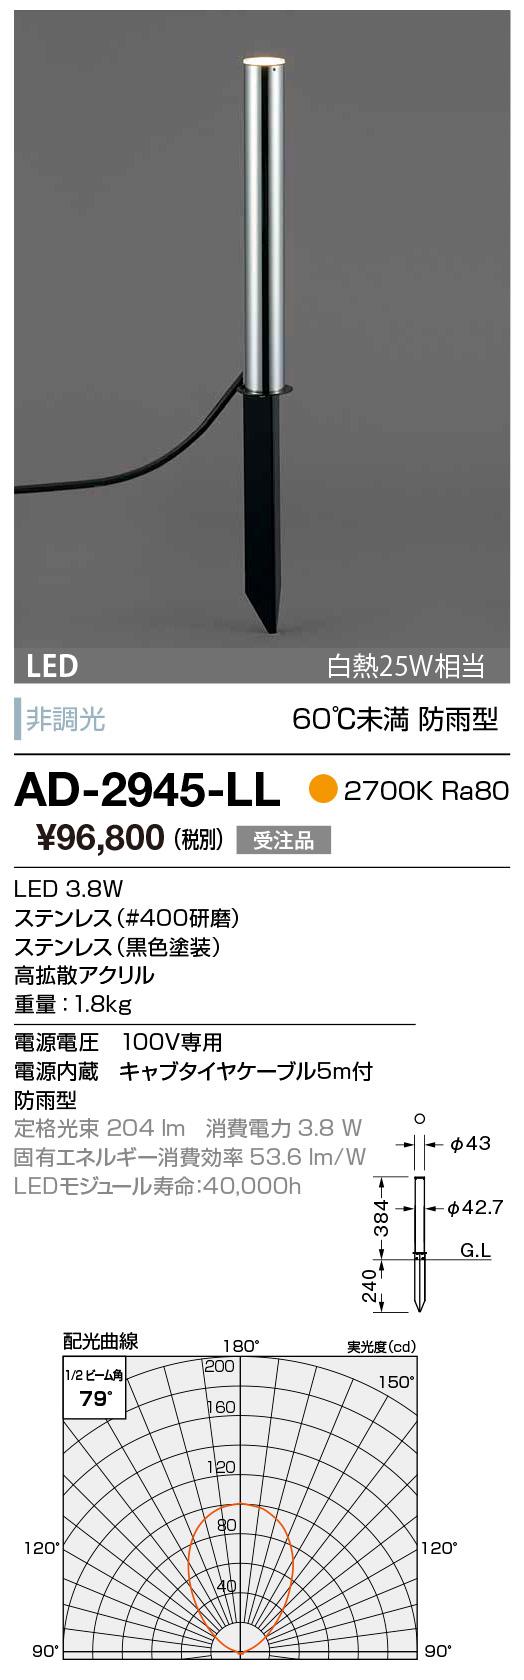 山田照明 照明器具エクステリア LED一体型スーパースリムガーデンライトアッパー配光 電球色 白熱25W相当非調光 60℃未満 防雨型AD-2945-LL